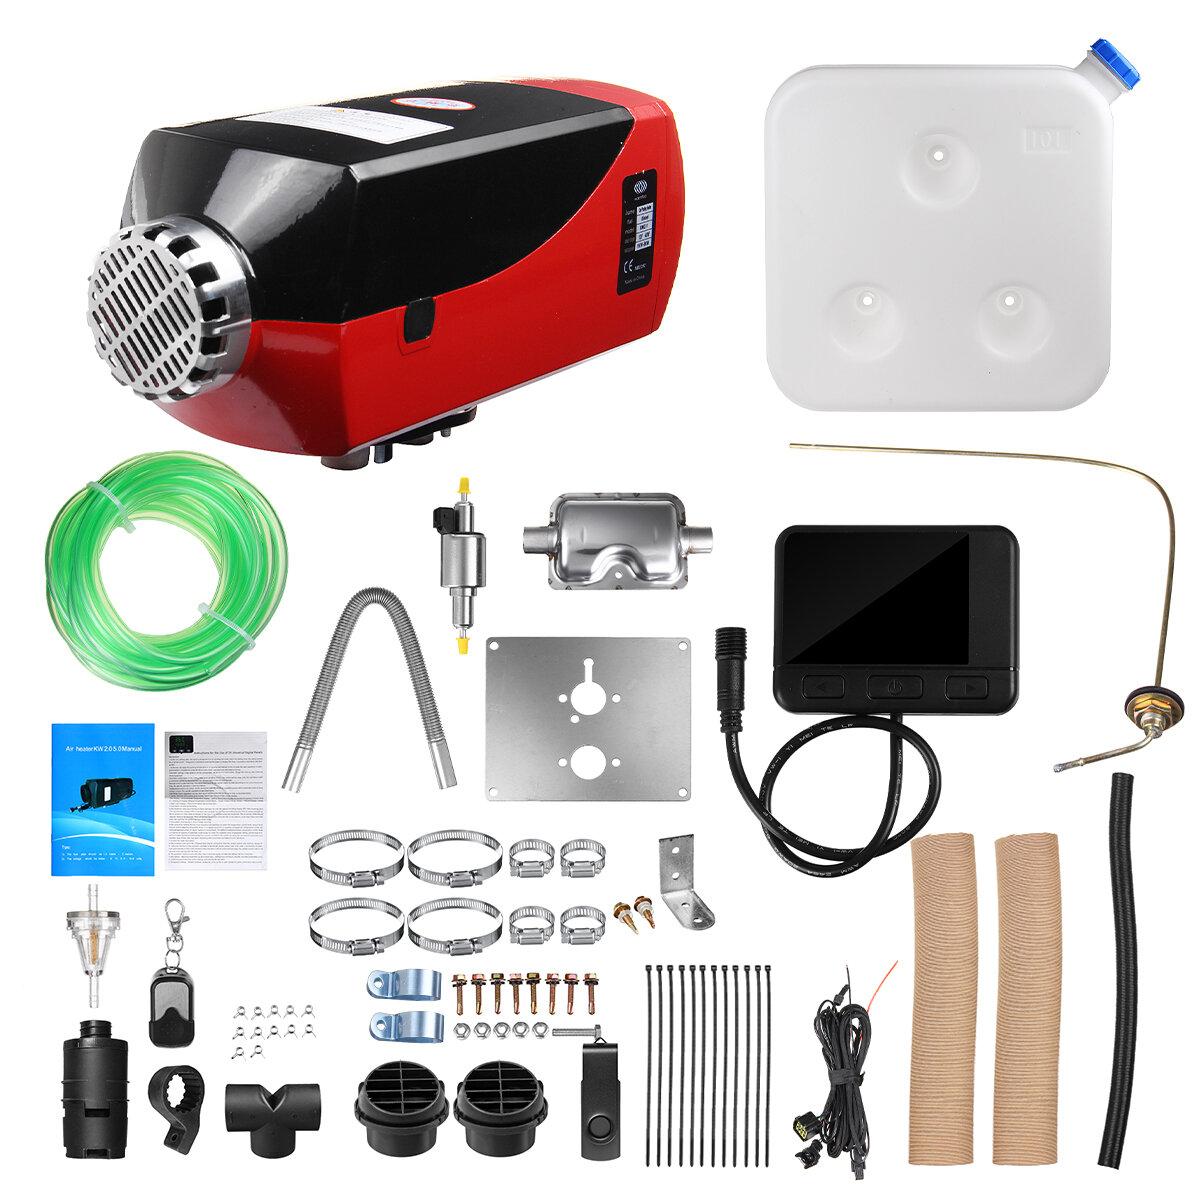 12V 8KW Diesel Air Calentador Todo incluido One Coche Estacionamiento Calentador Negro LCD Termostato Control remoto